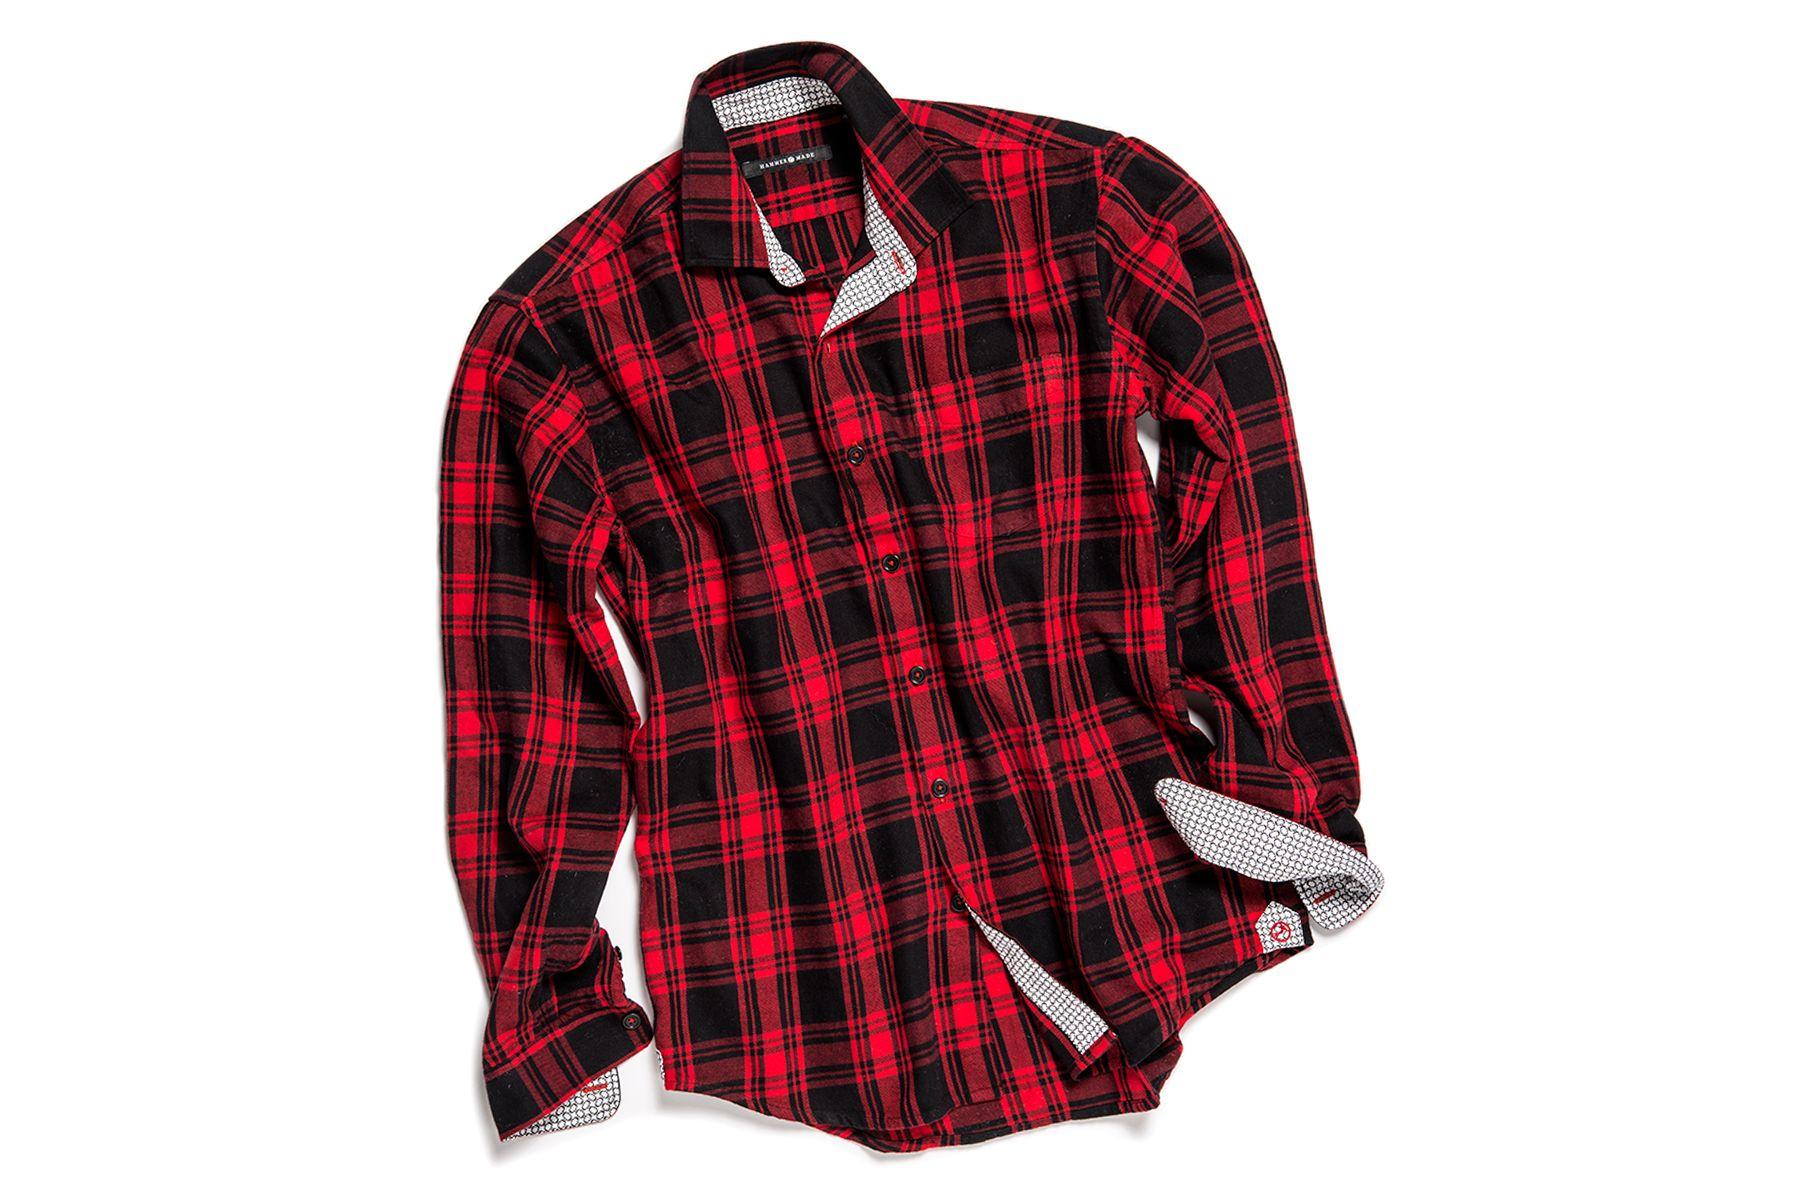 MSP_HammerMade_Shirt.jpg